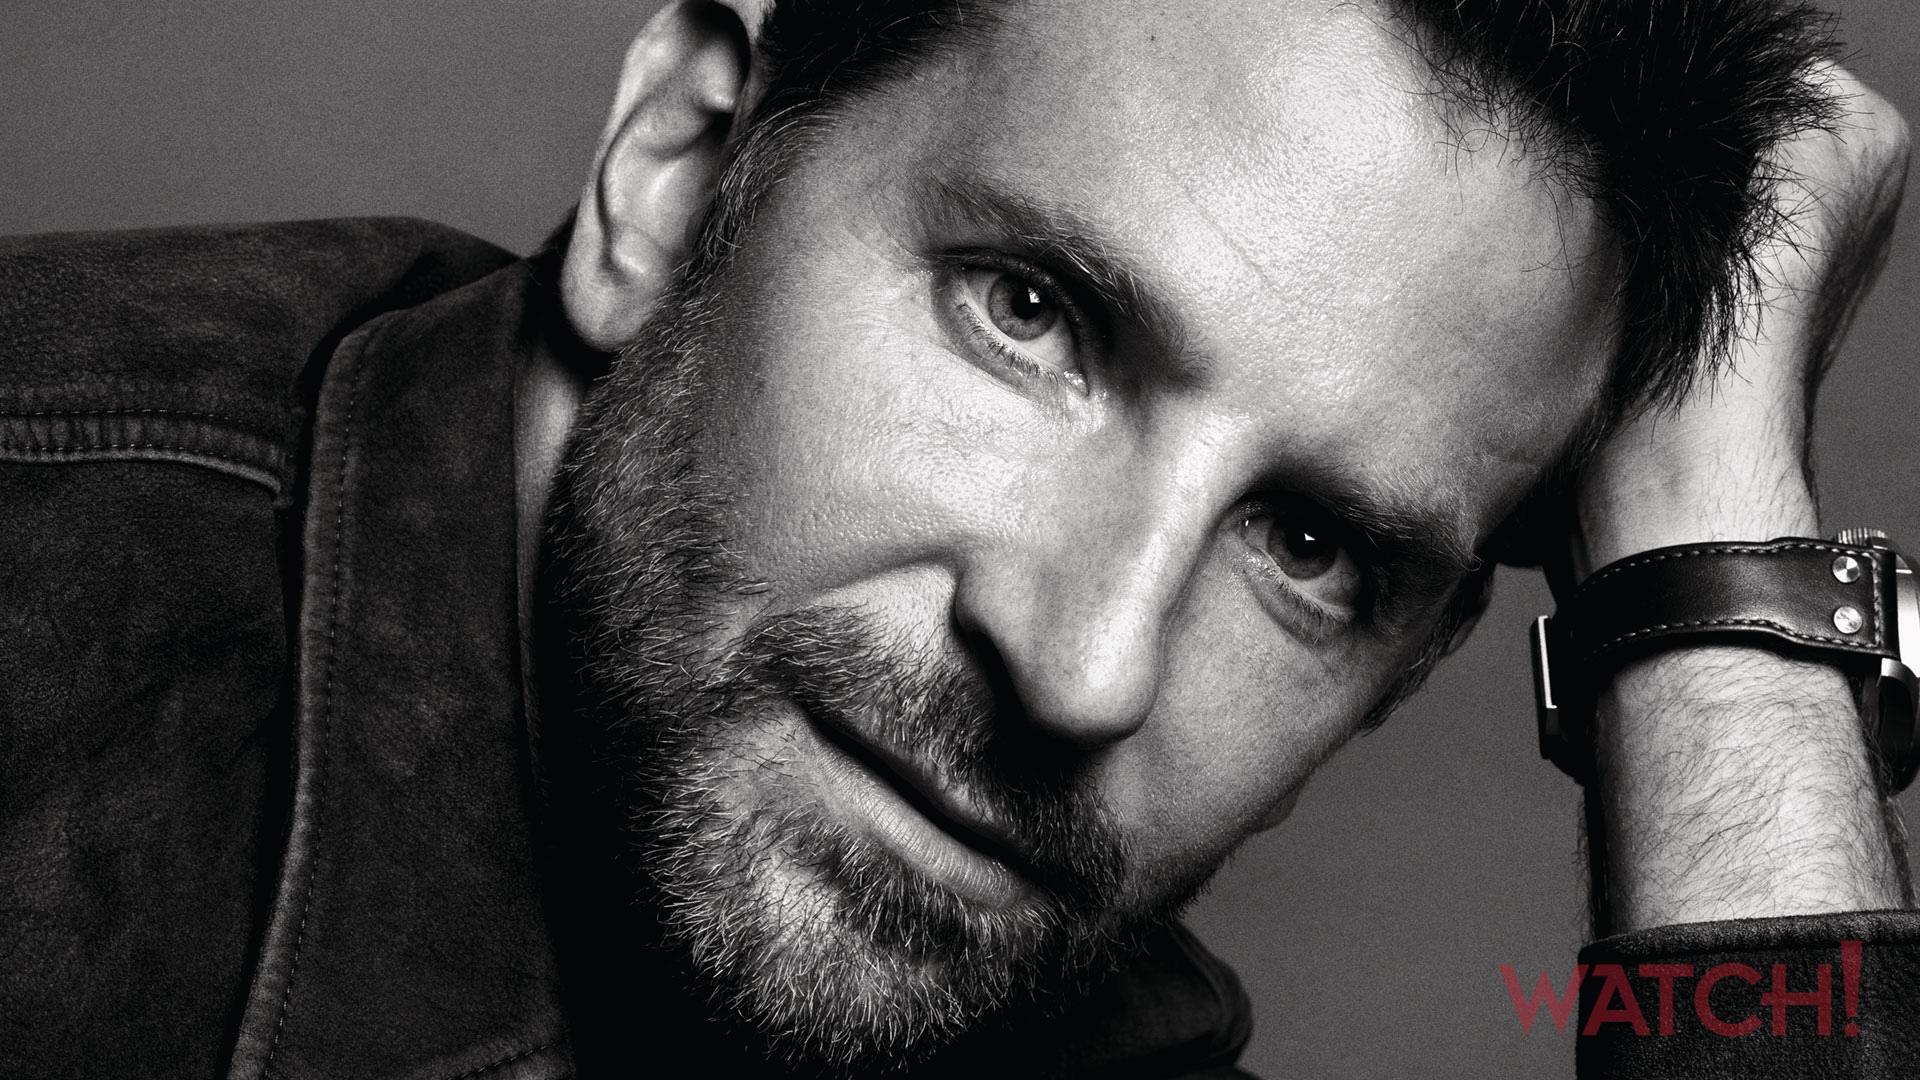 Bradley Cooper raises the bar